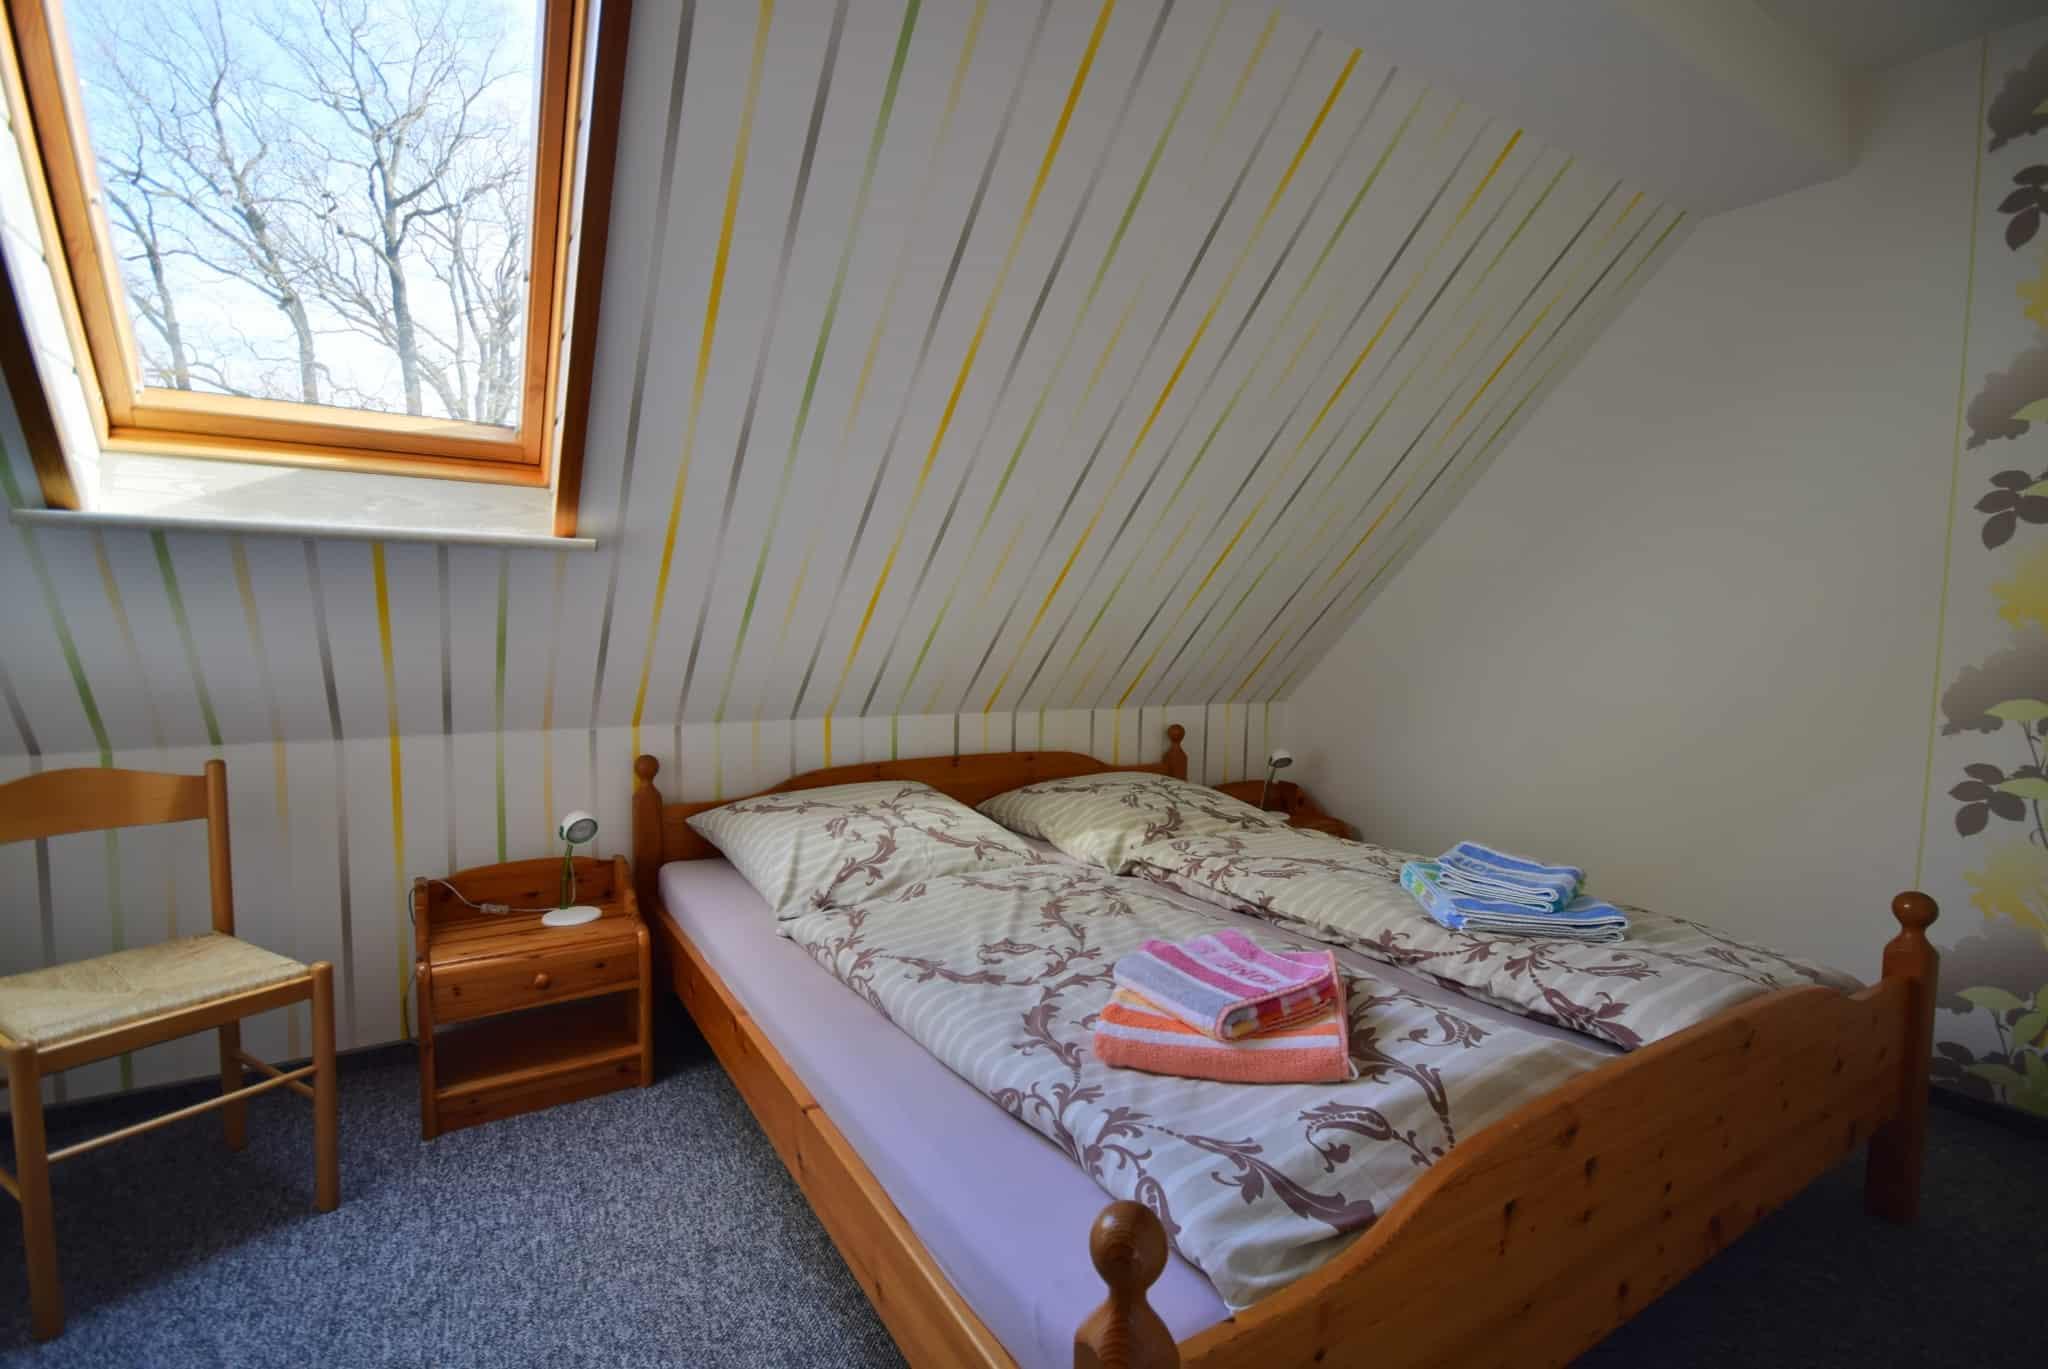 Schlafzimmer, orange Ferienwohnung, Ferienhof Lührs, Schneverdingen, Lüneburger Heide